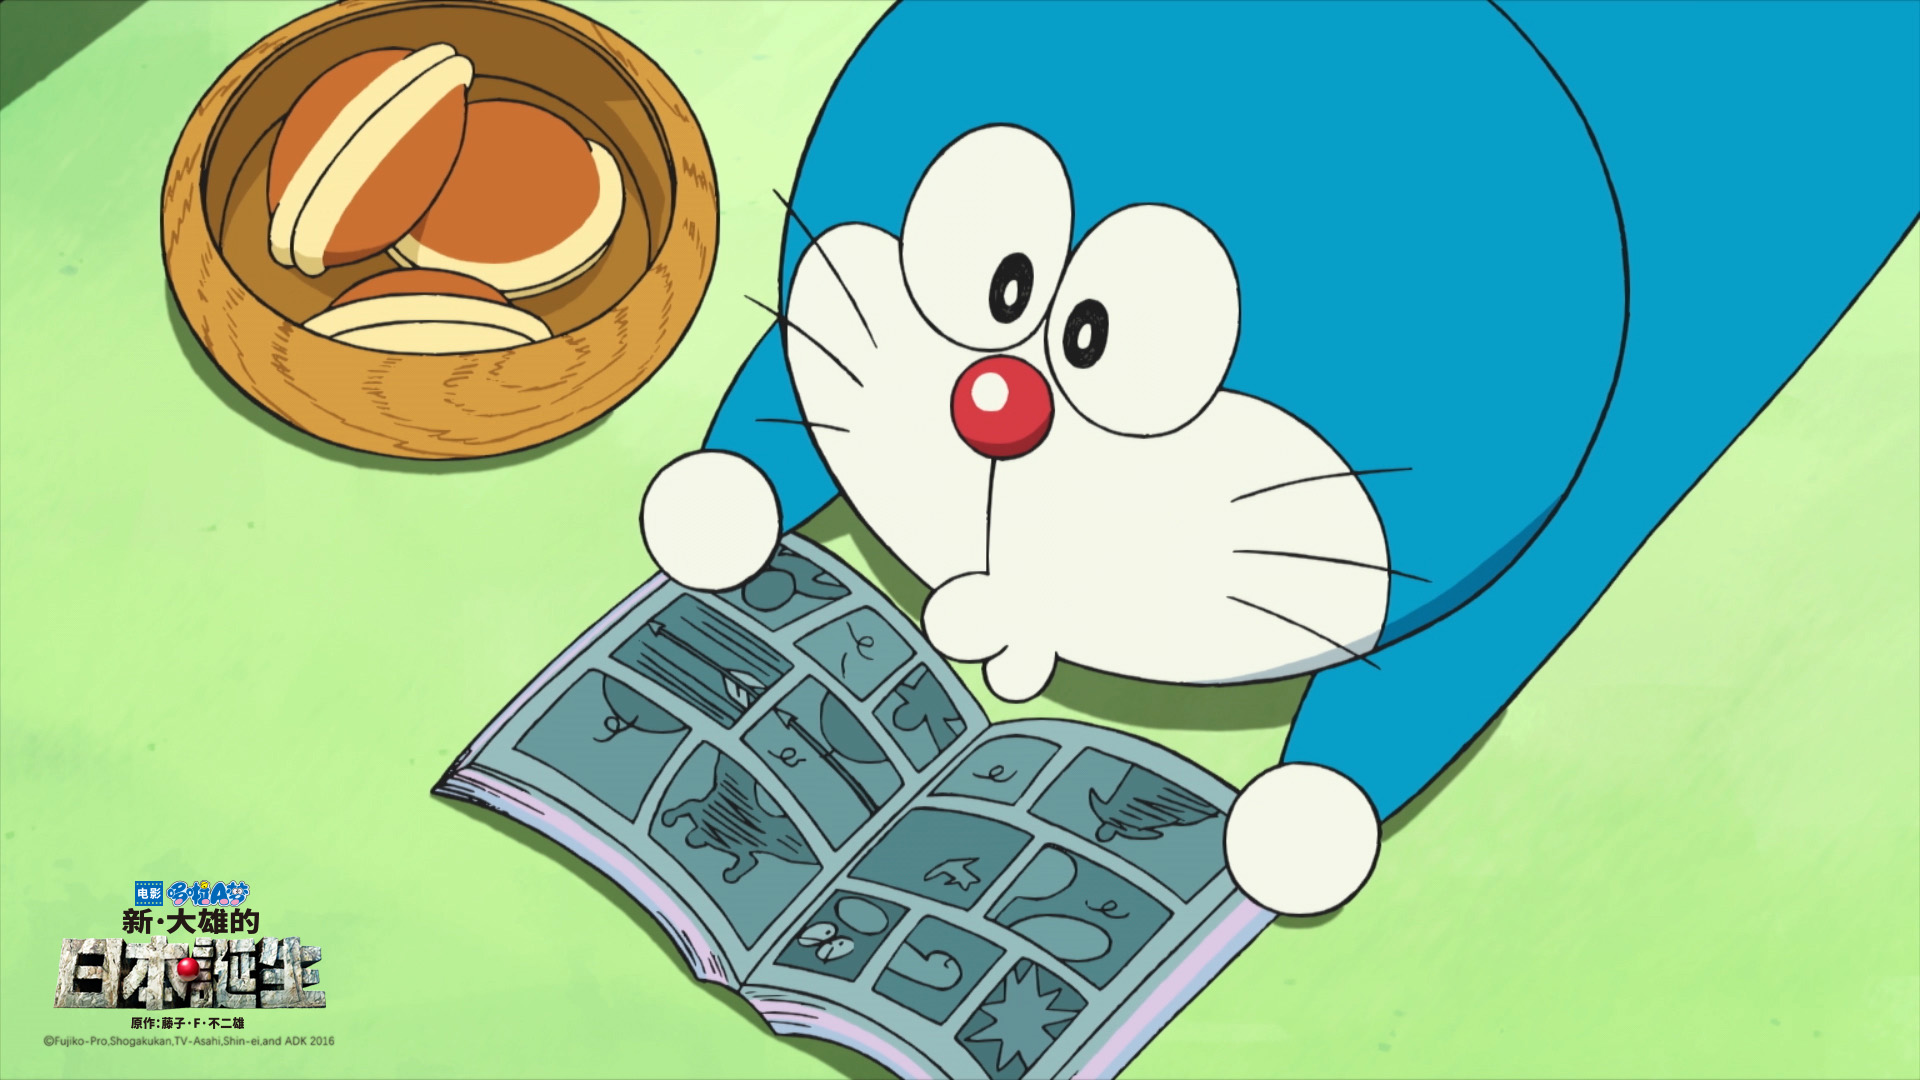 如果哆啦A梦死了,大雄会怎样图片